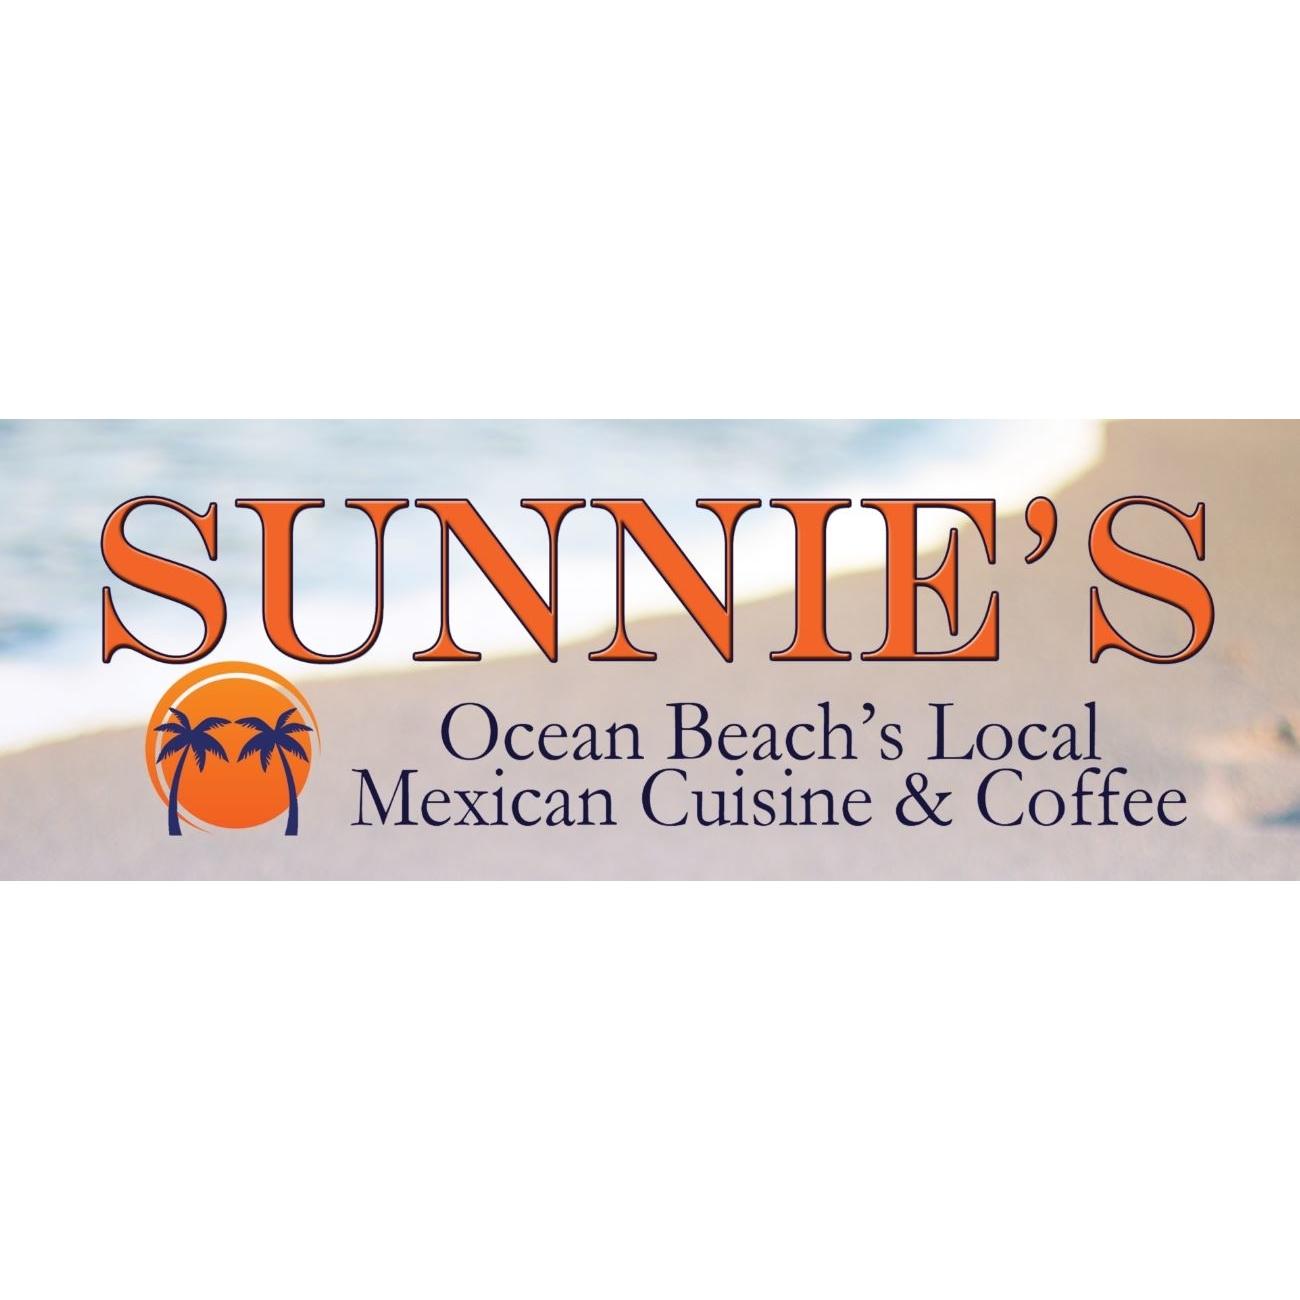 Sunnie's Ocean Beach